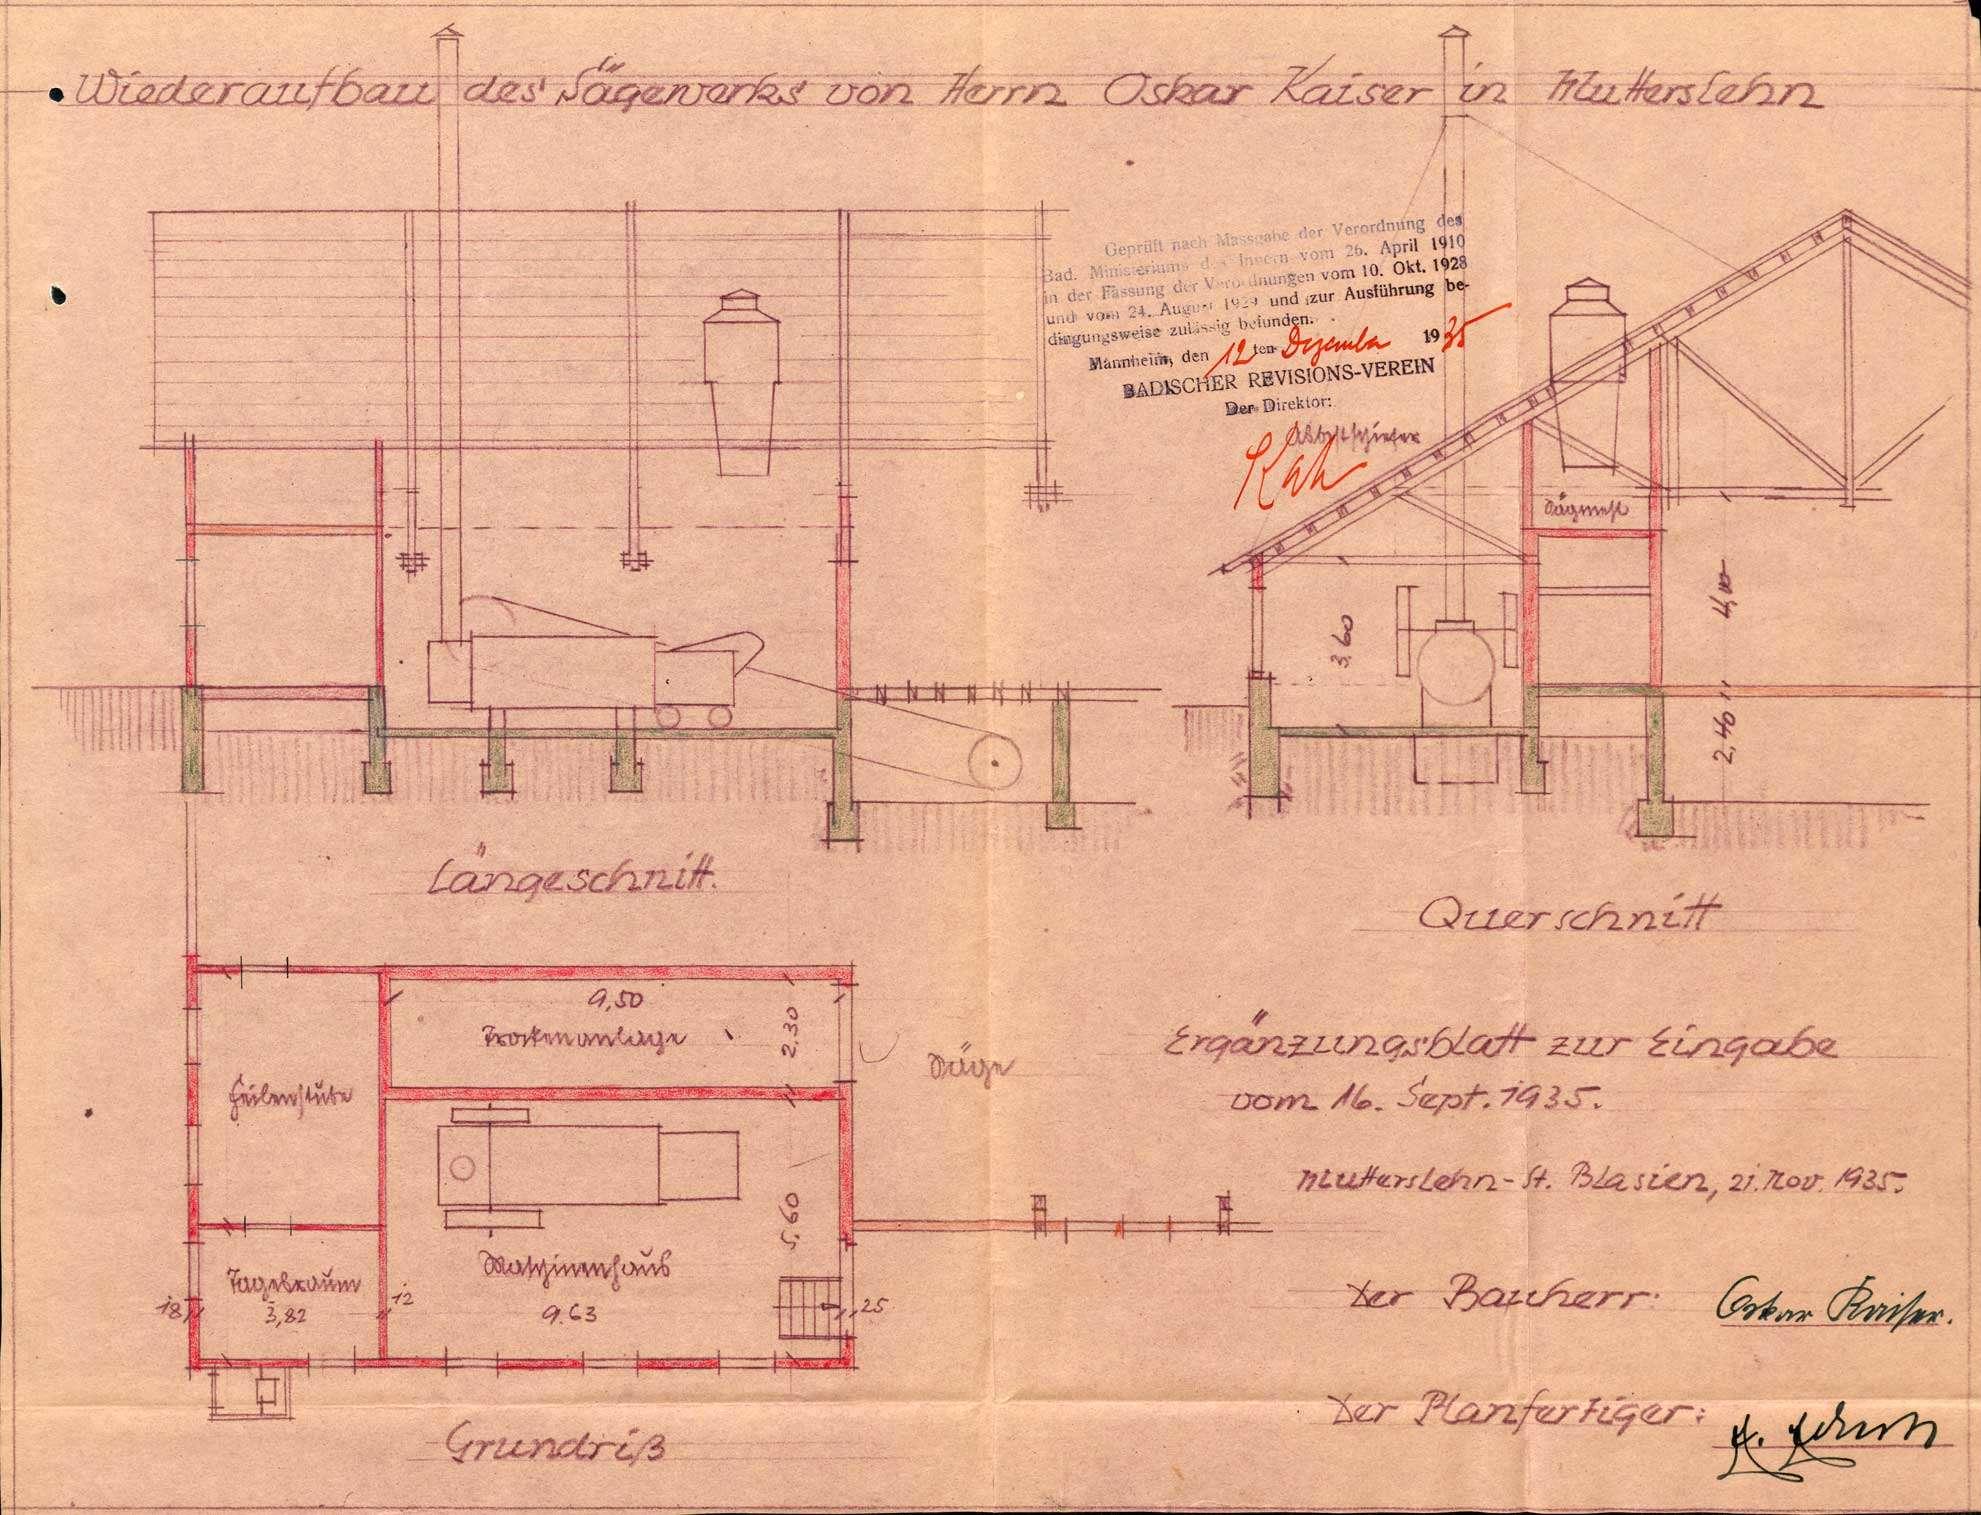 Dampfkessel der Firma Sägewerk Oskar Kaiser in Mutterslehen, Bild 2